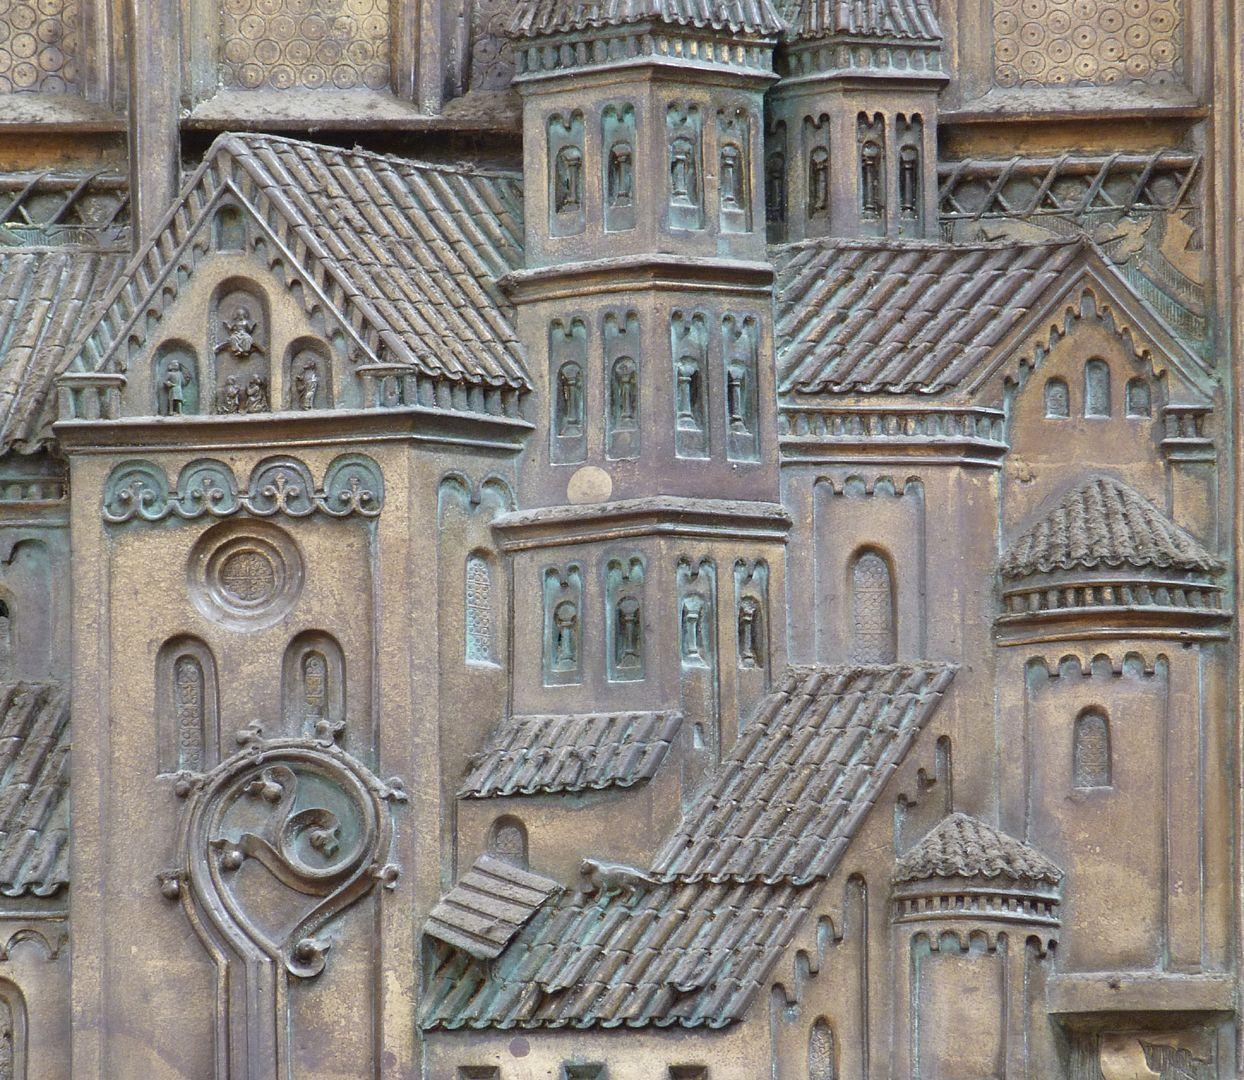 Memorienplatte für Hariolf und Erlolf Kirchenmodell, Detail (mit Katze auf dem unteren Pultdach)